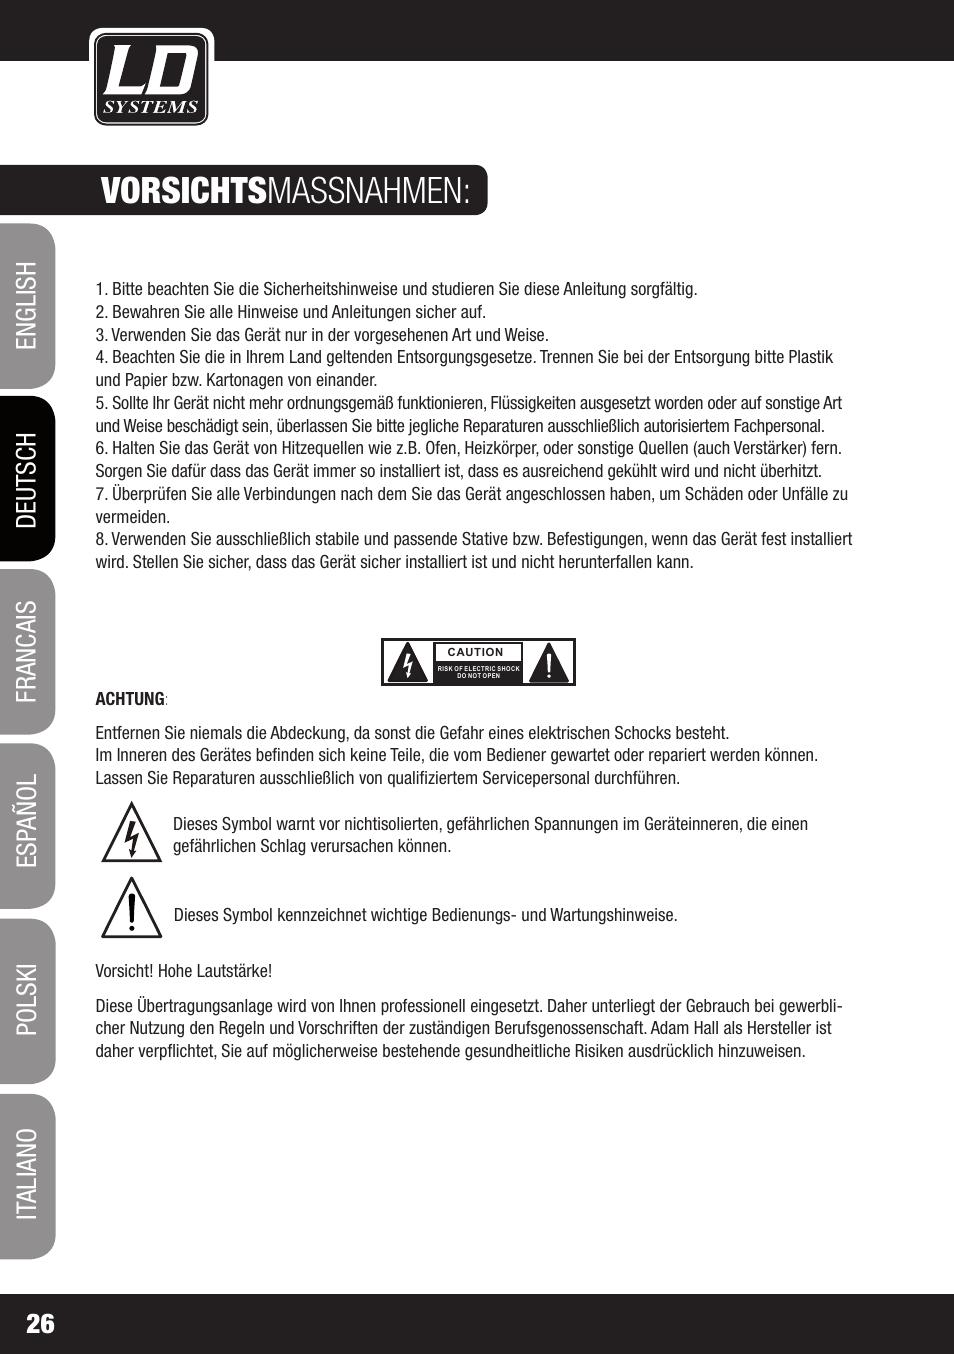 Großzügig Symbole Des Elektrischen Systems Galerie - Schaltplan ...